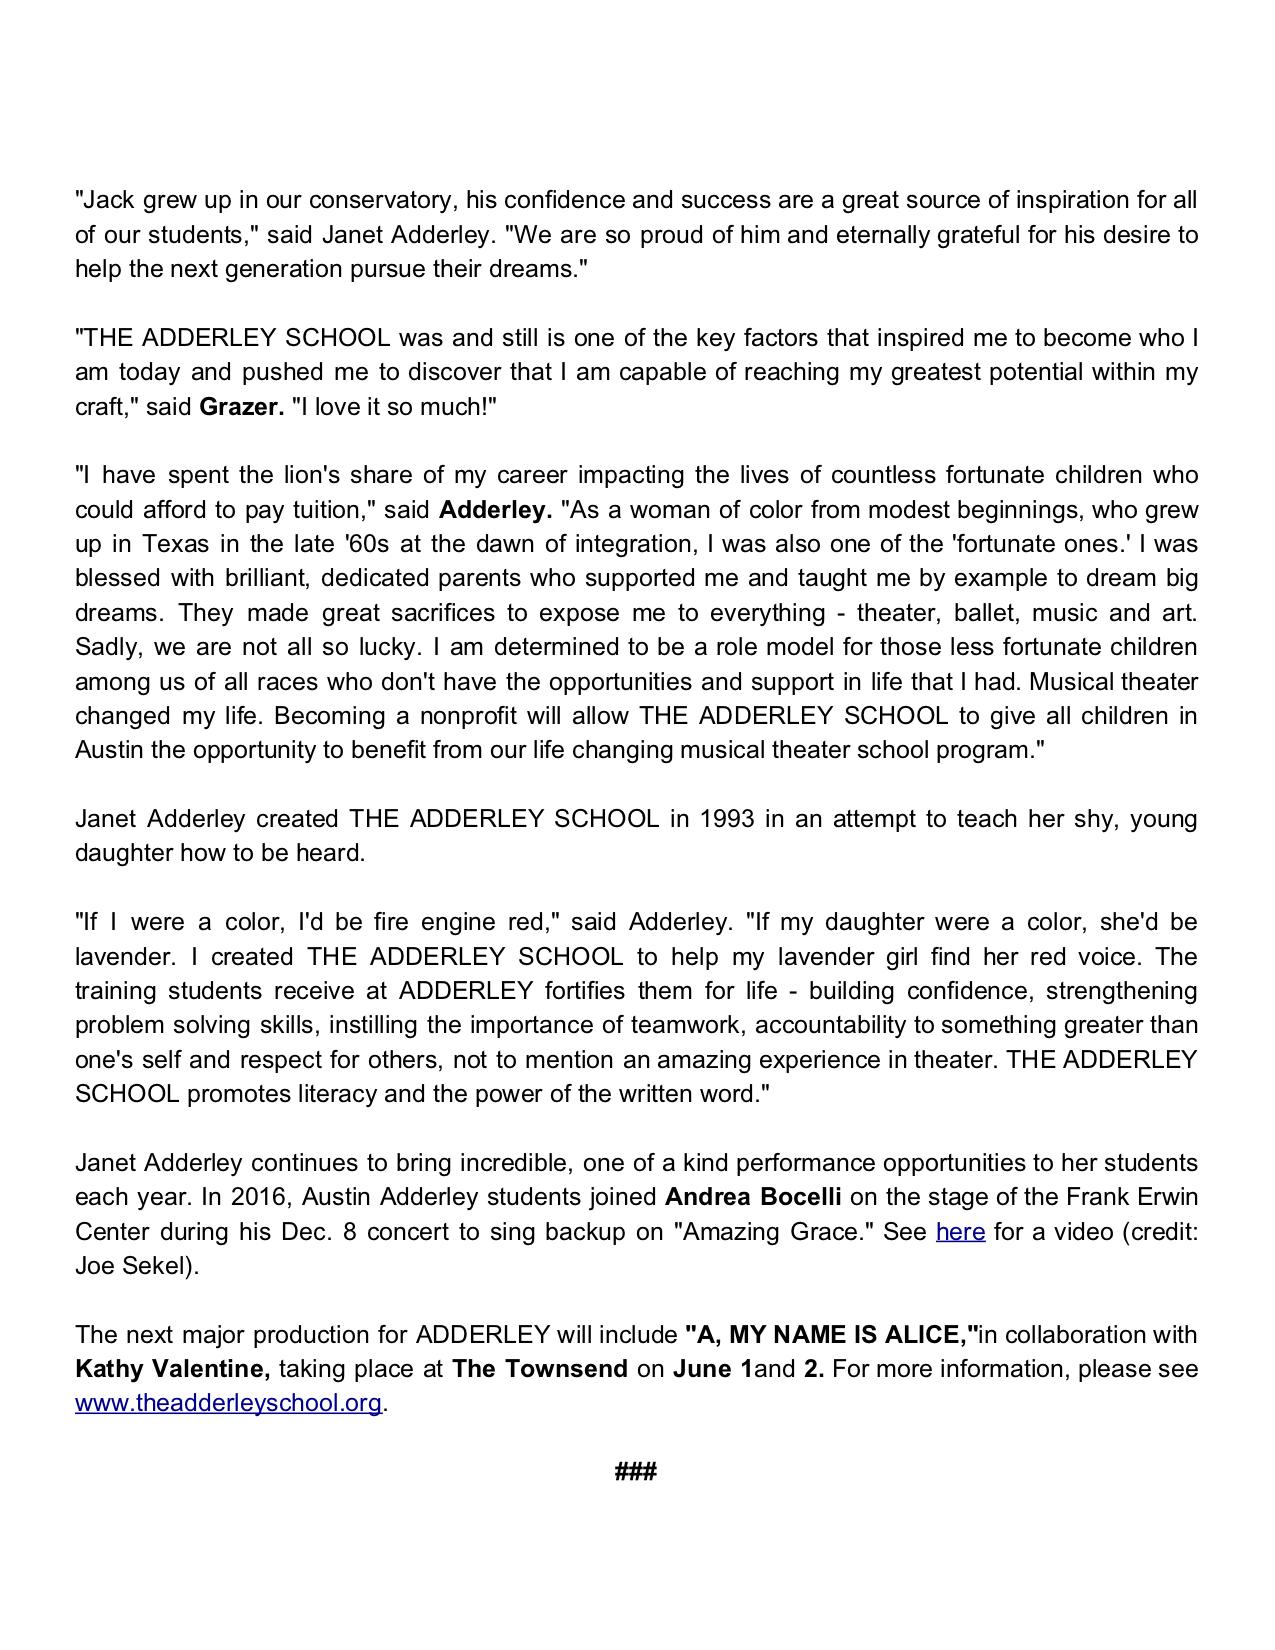 ADDERLEY SCHOOL Les Mis Release 3 (dragged) 2.jpg